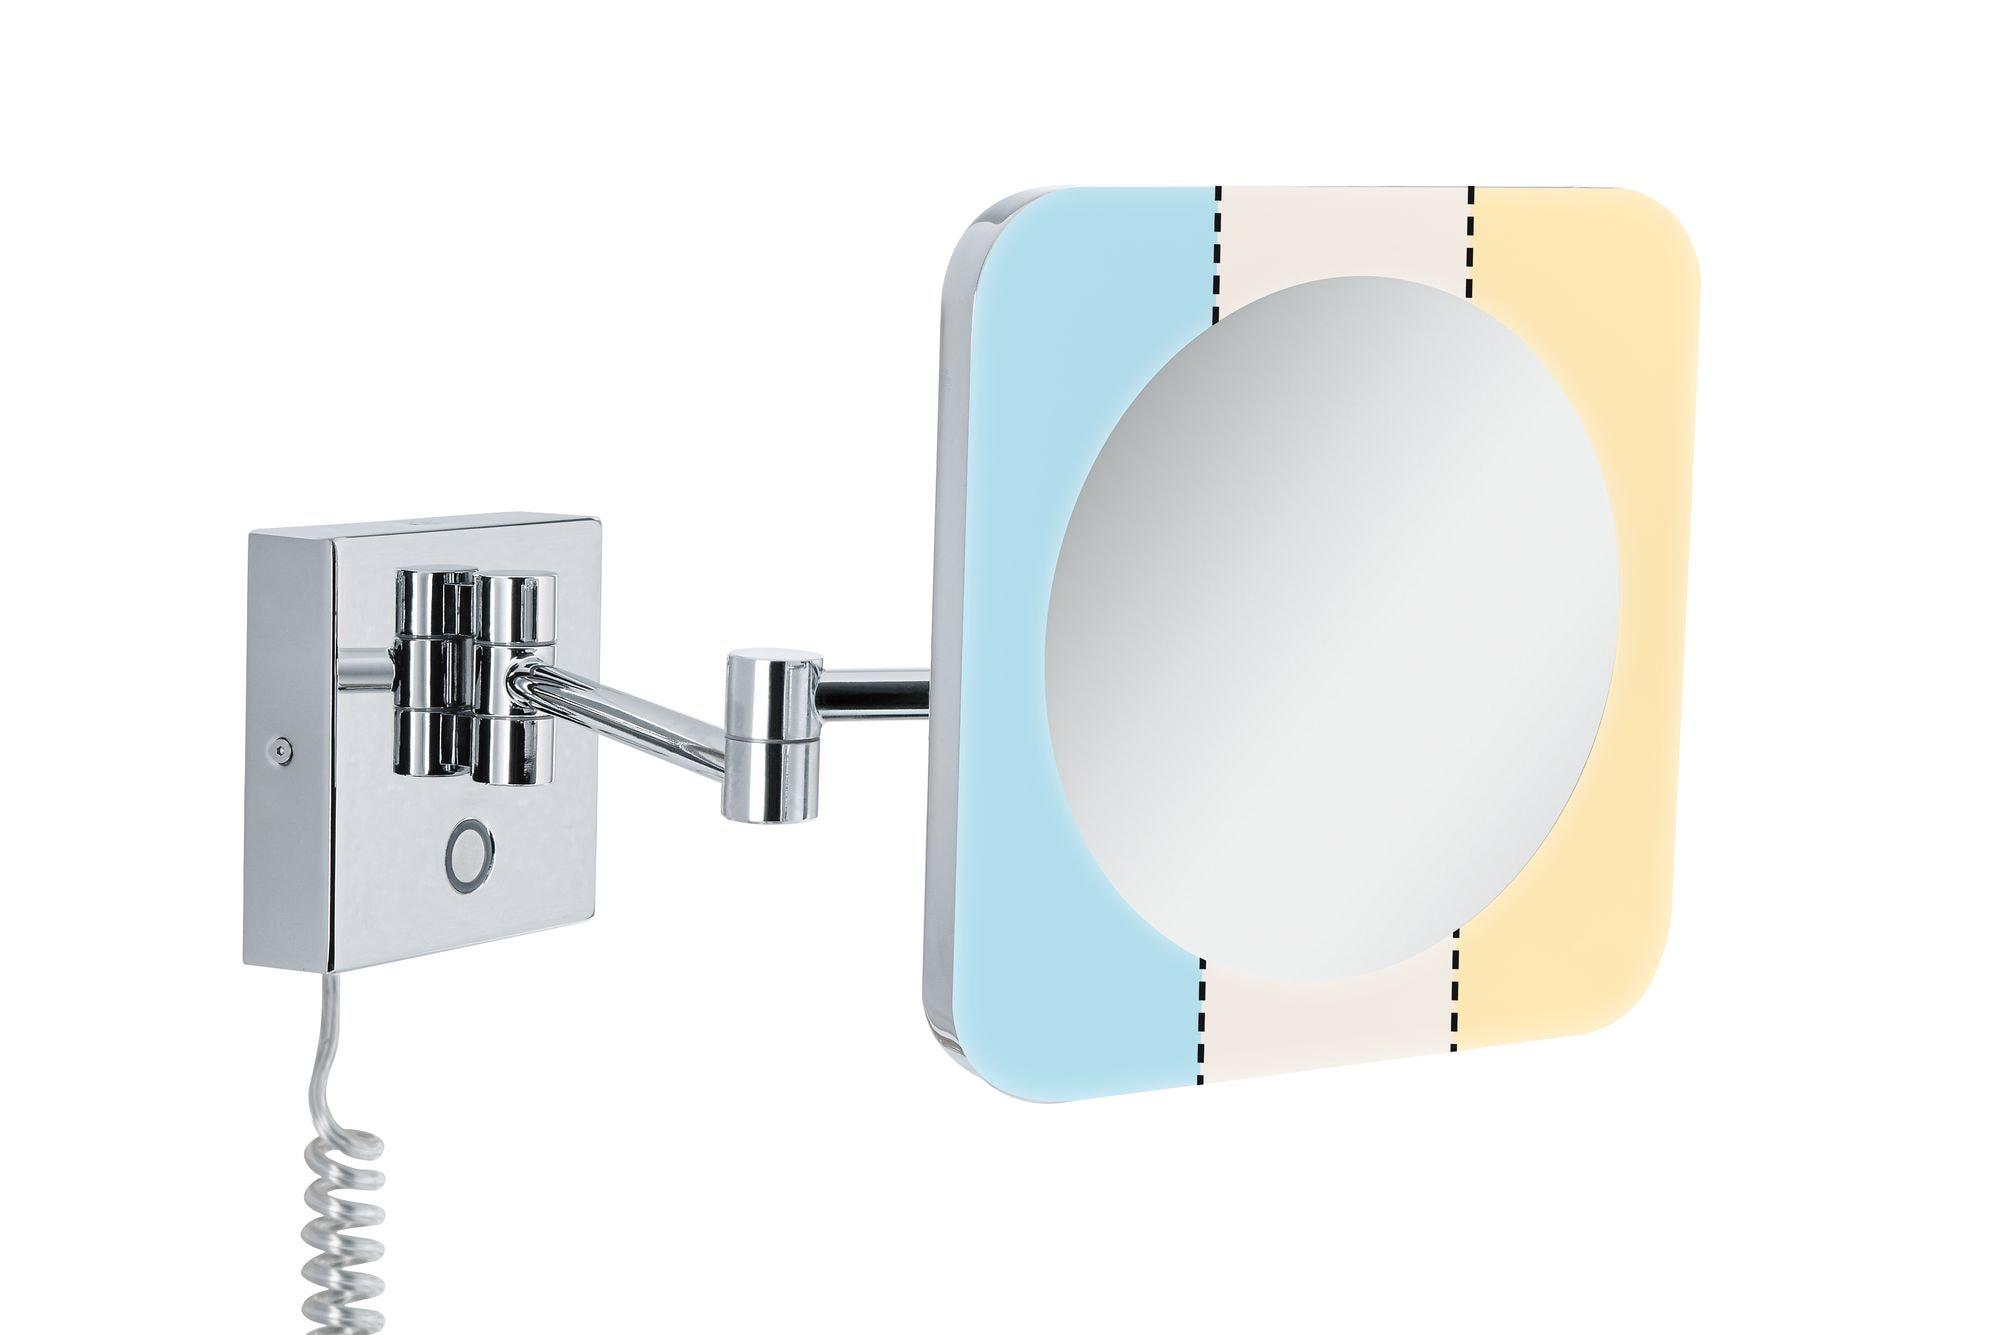 Paulmann LED Wandleuchte HomeSpa Kosmetikspiegel Jora IP44 mit 3-fach Vergrößerung und Tunable White Chrom/Weiß/Spiegel 3,3W 2.700K, 1 St., Tageslichtweiß